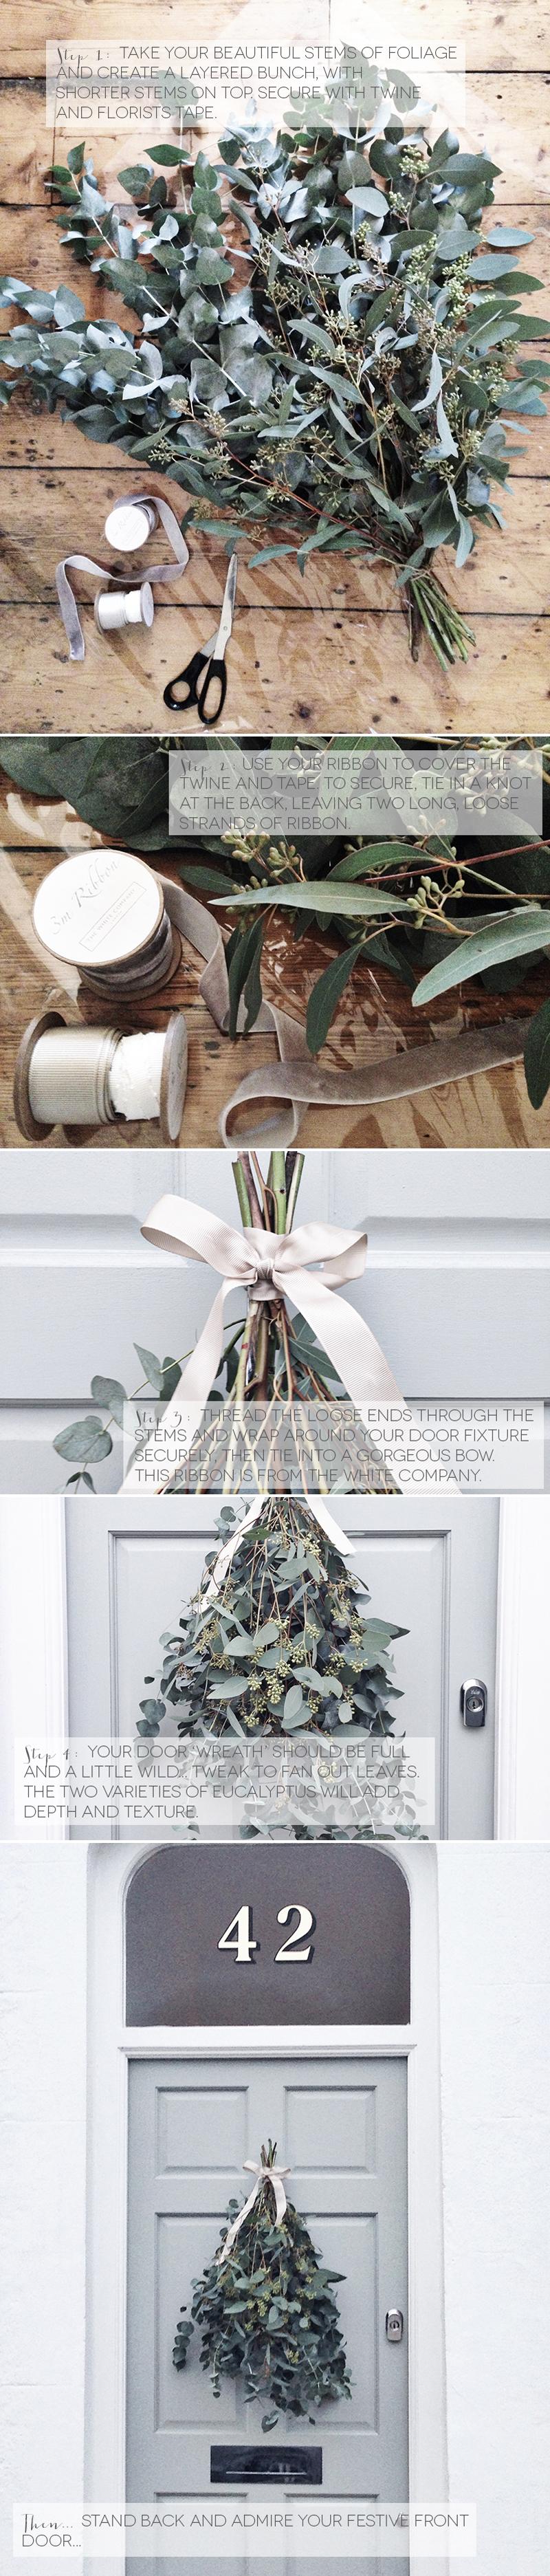 Coco Wedding Venues - A Simple DIY Christmas Door Wreath.